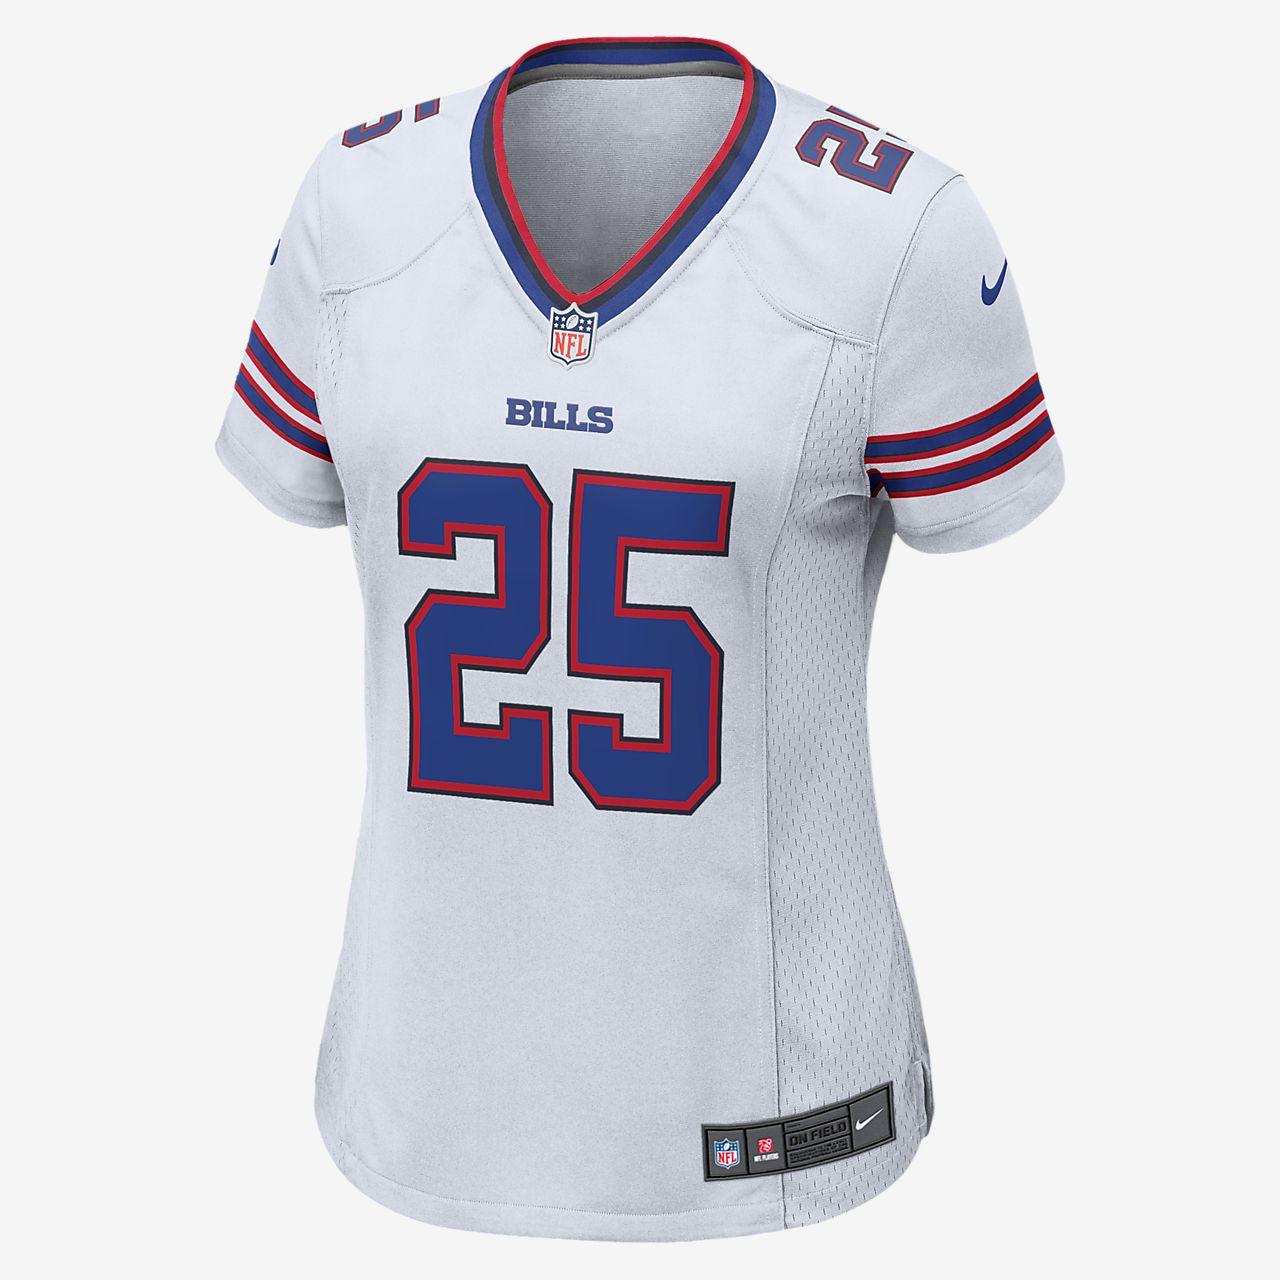 351a0832981 NFL Buffalo Bills (LeSean McCoy) Women s Football Away Game Jersey ...